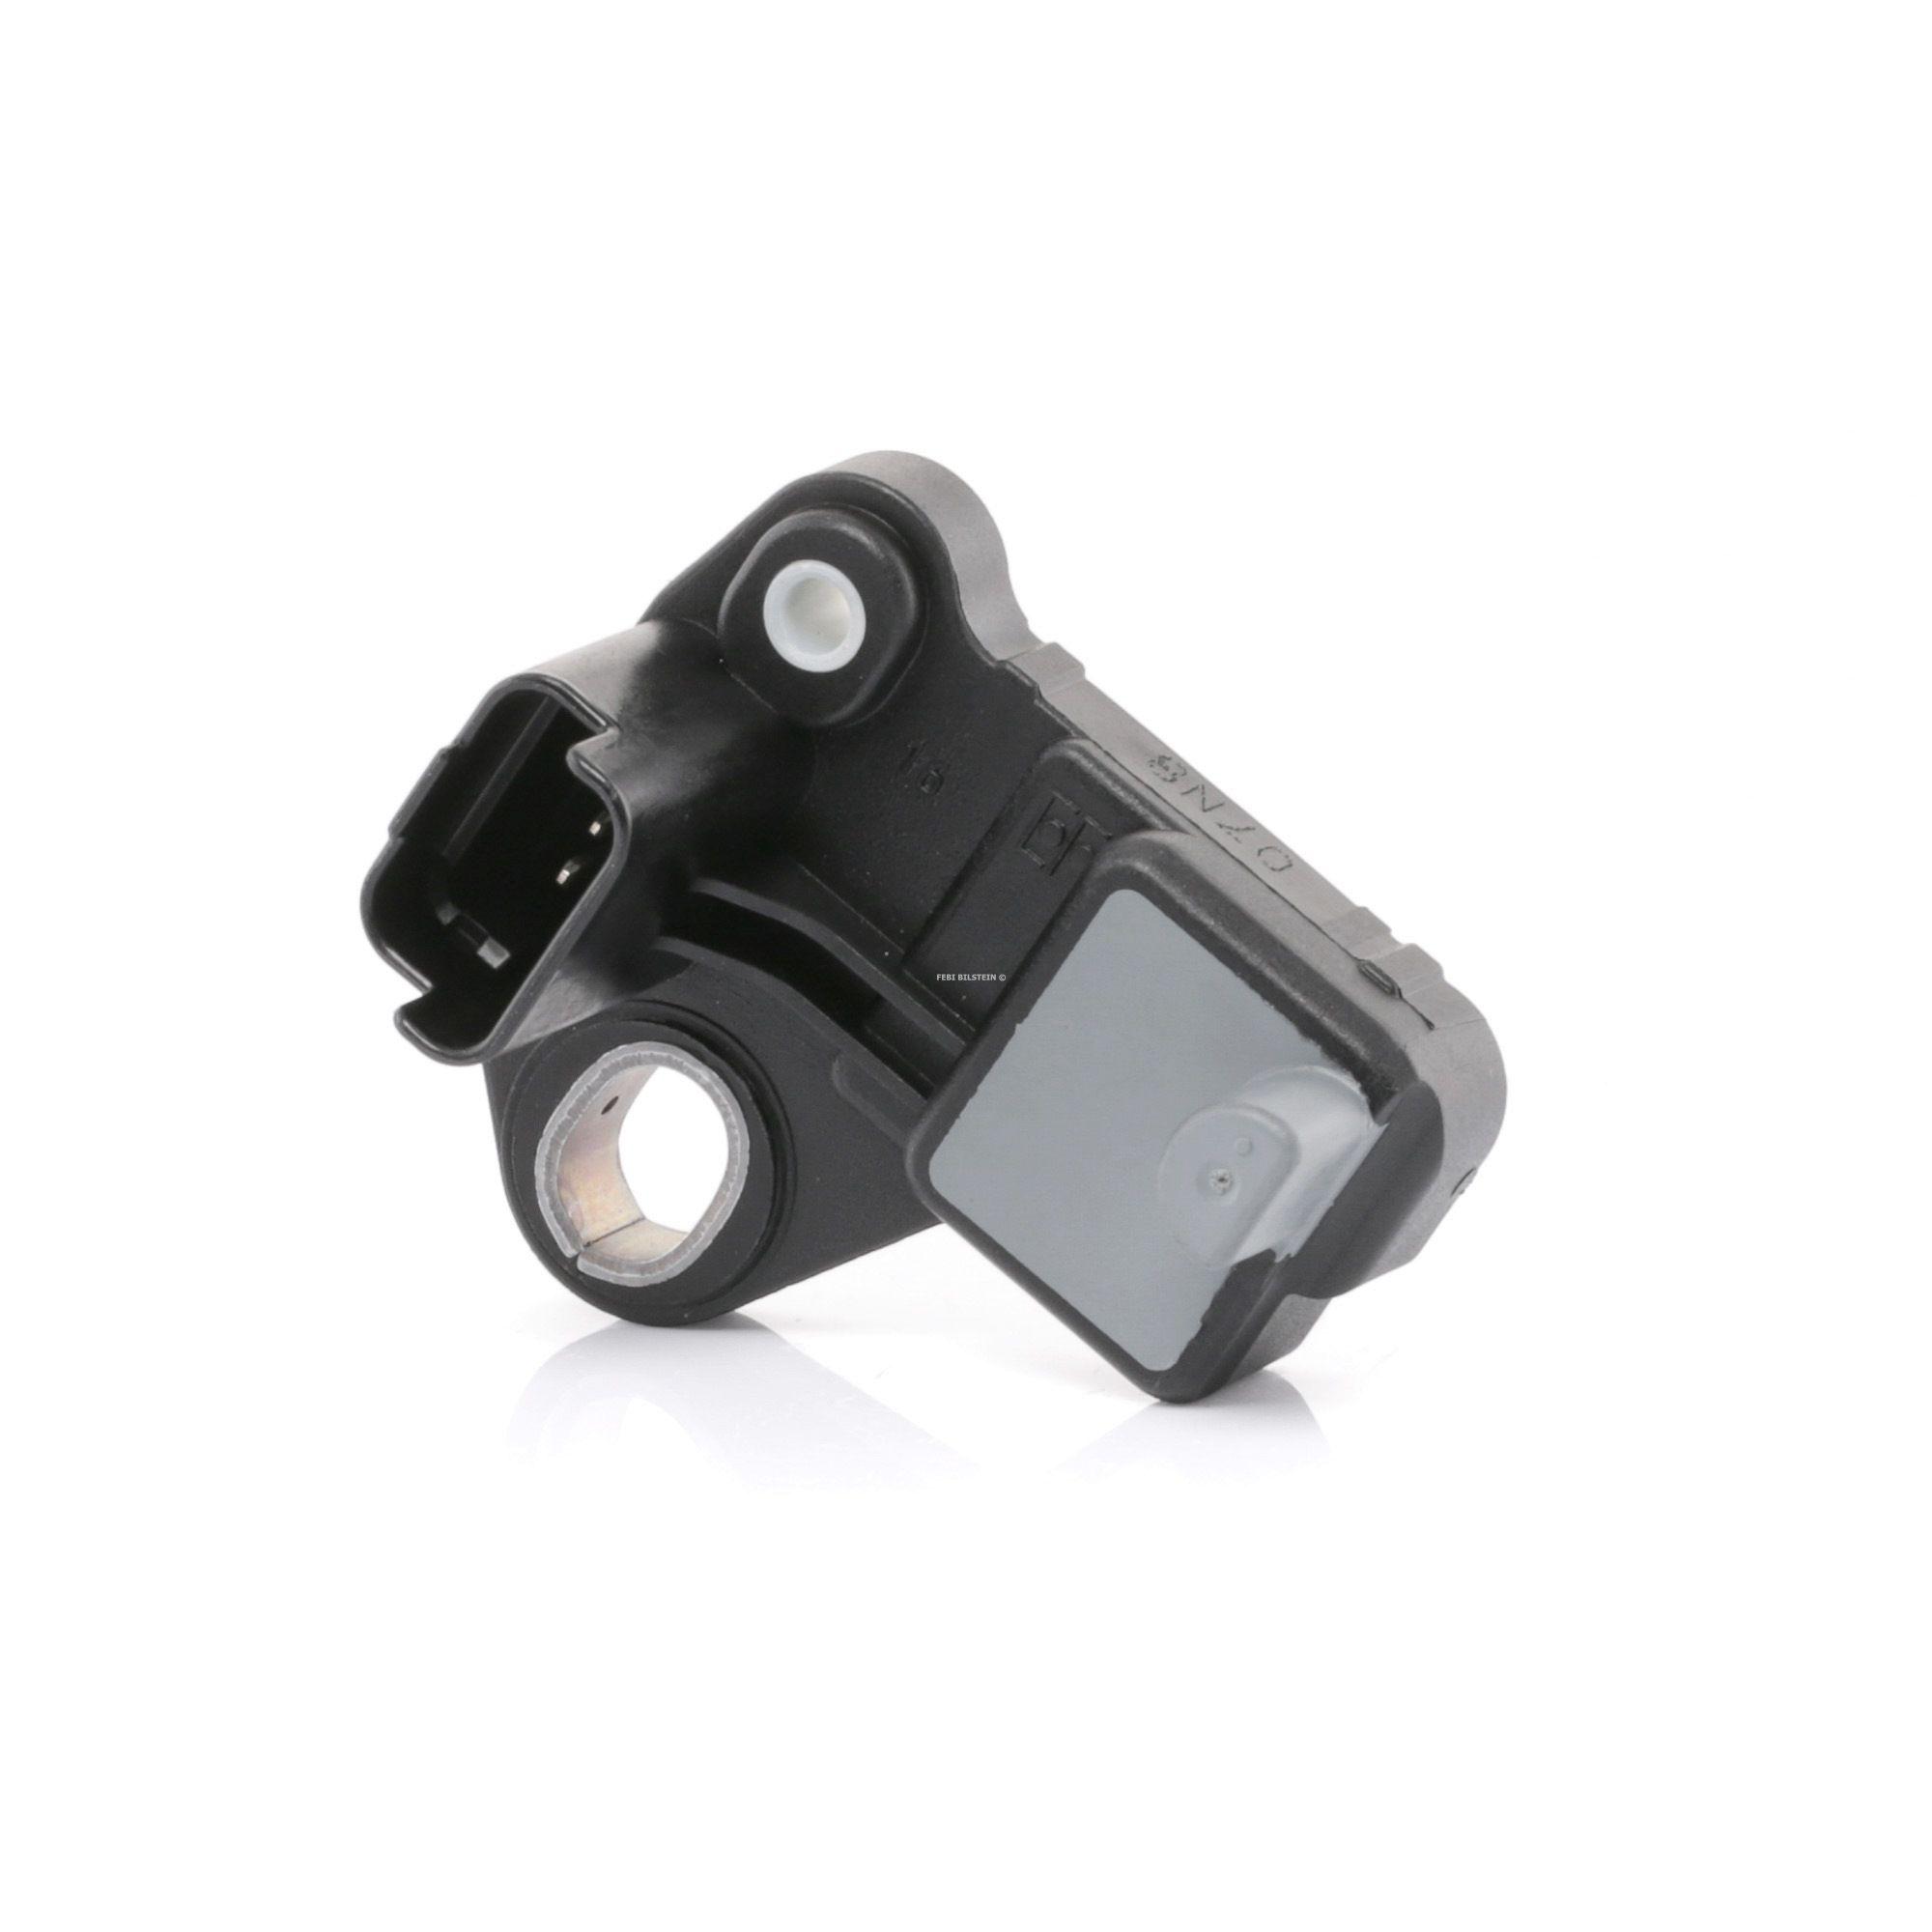 Image of FEBI BILSTEIN Impulse Sensor MINI,LANCIA,VOLVO 31190 1920PW,1920PW,9664387280 1517990,8S6Q9E731AA,9664387280,13627808449,MN982334,1920PW,31216677